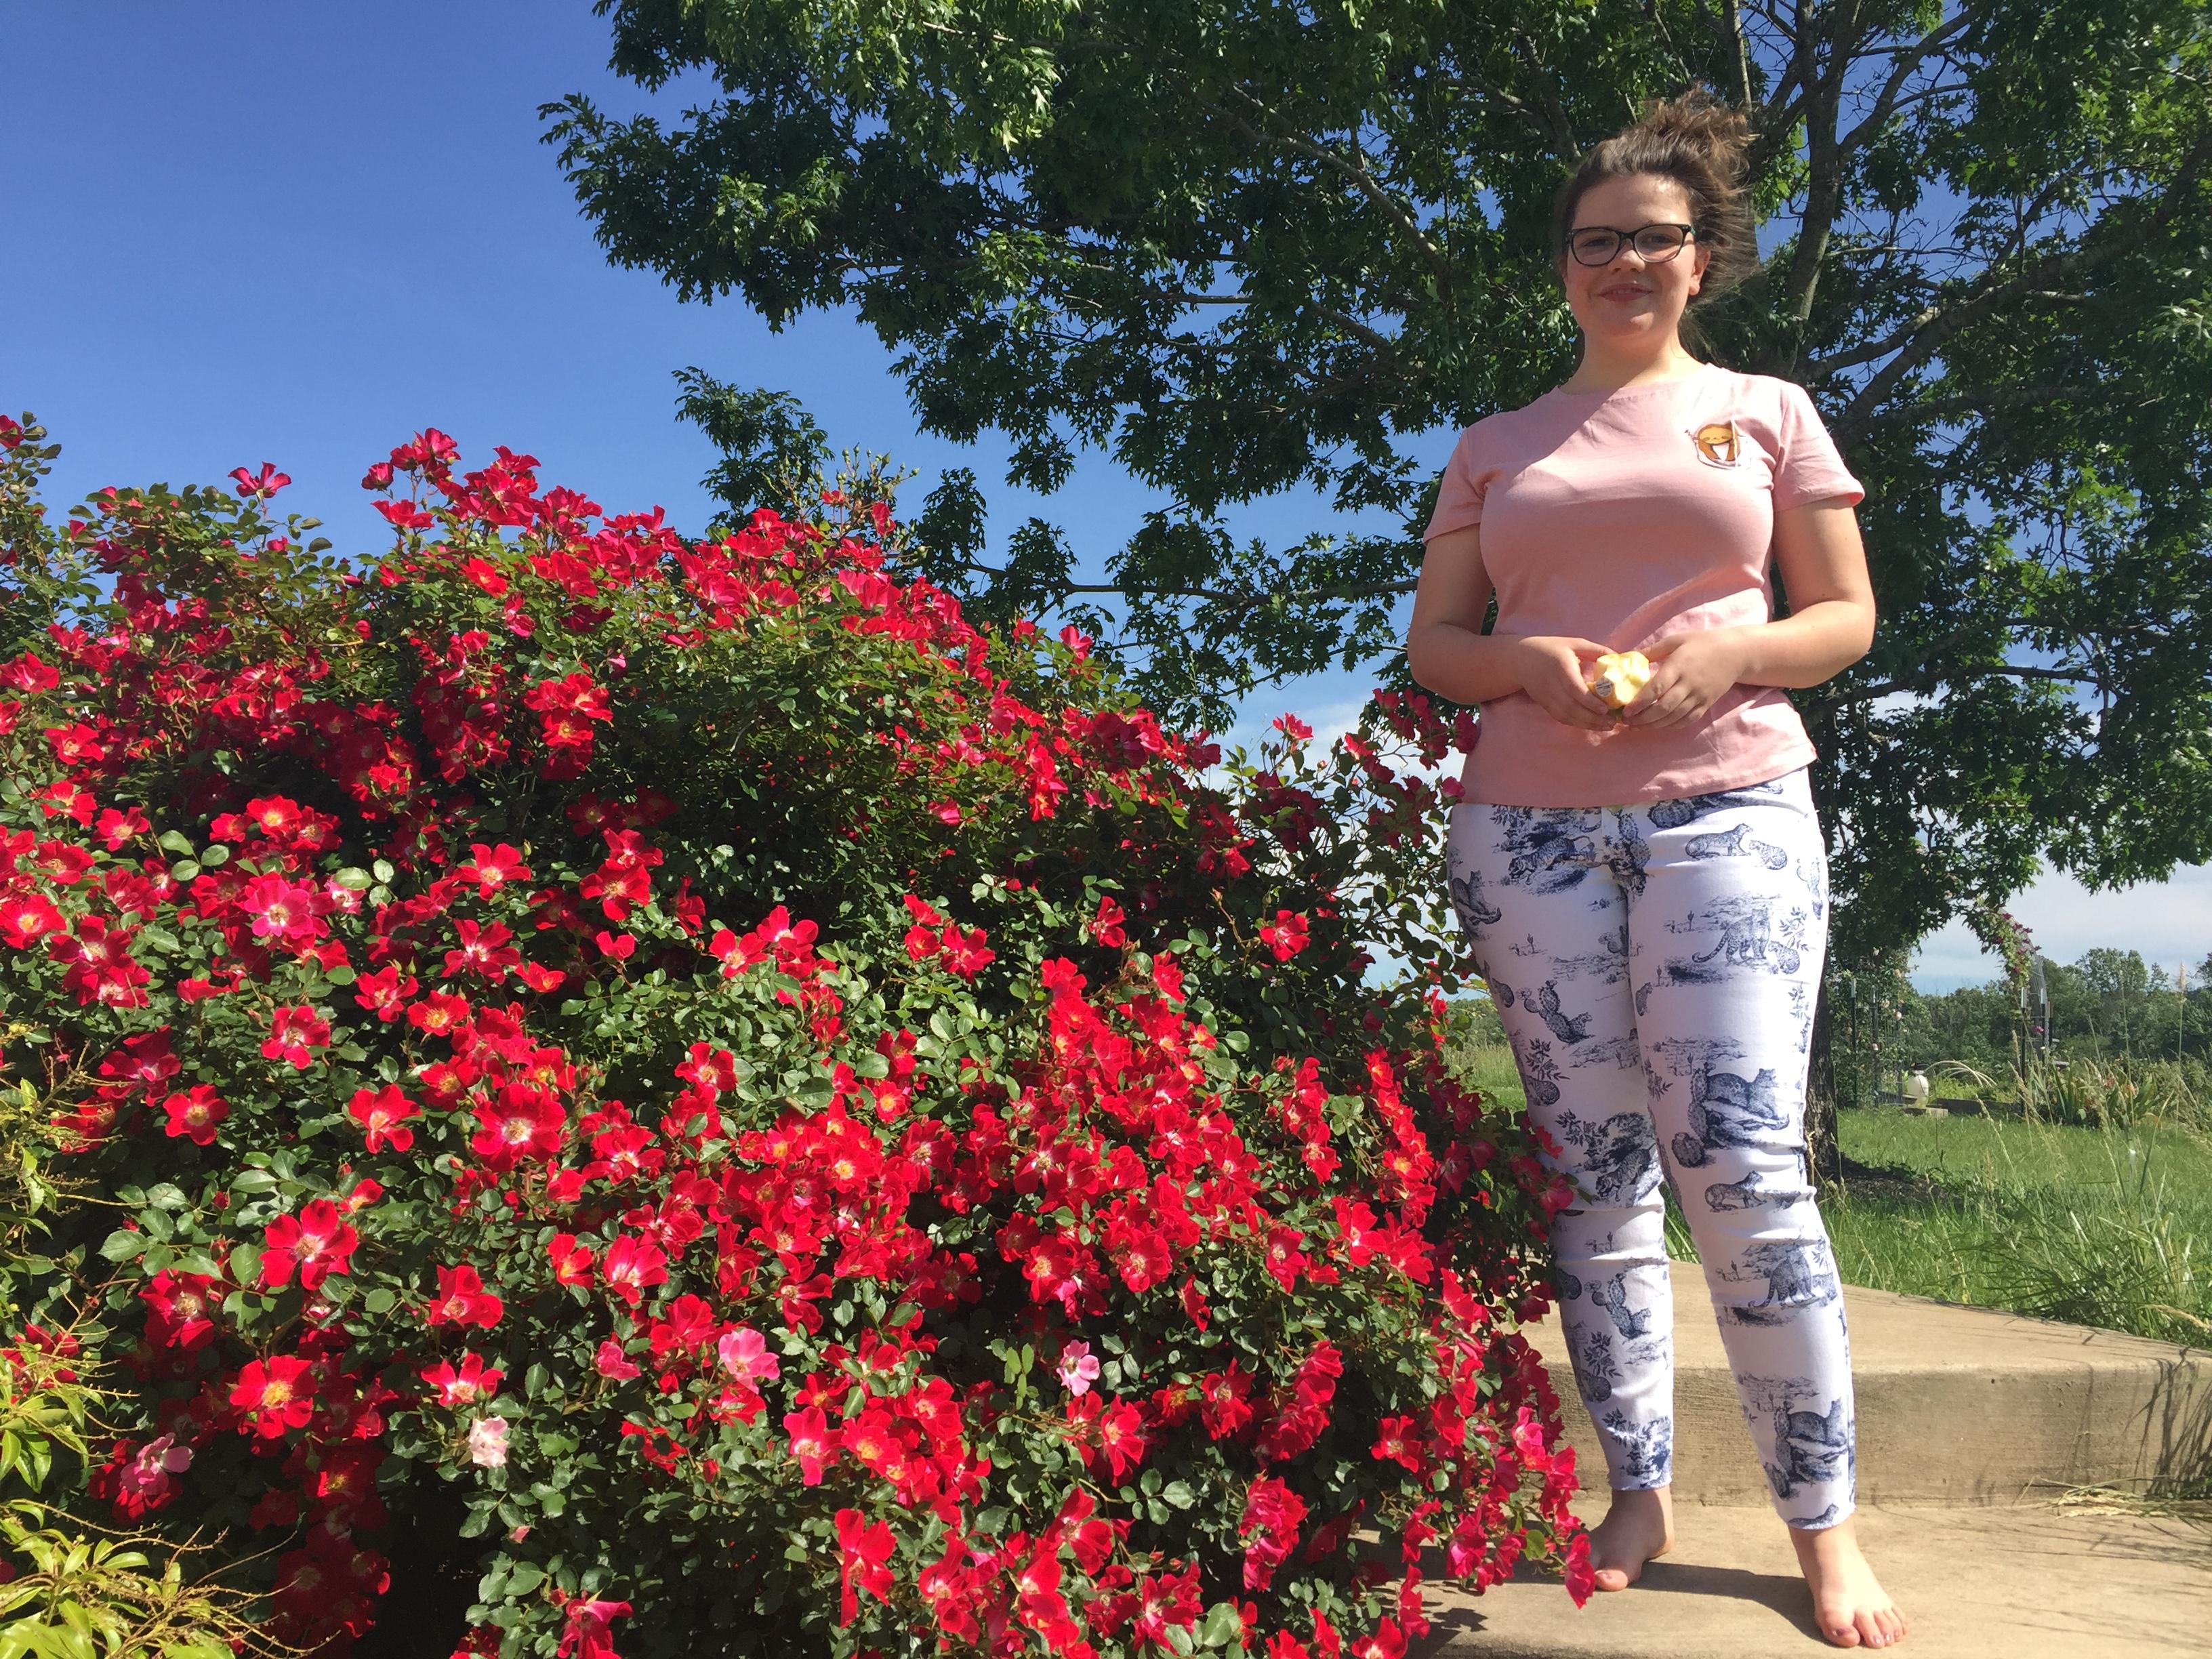 7B2027CA 285F 4762 9927 160375470EE3 Roses in full bloom!